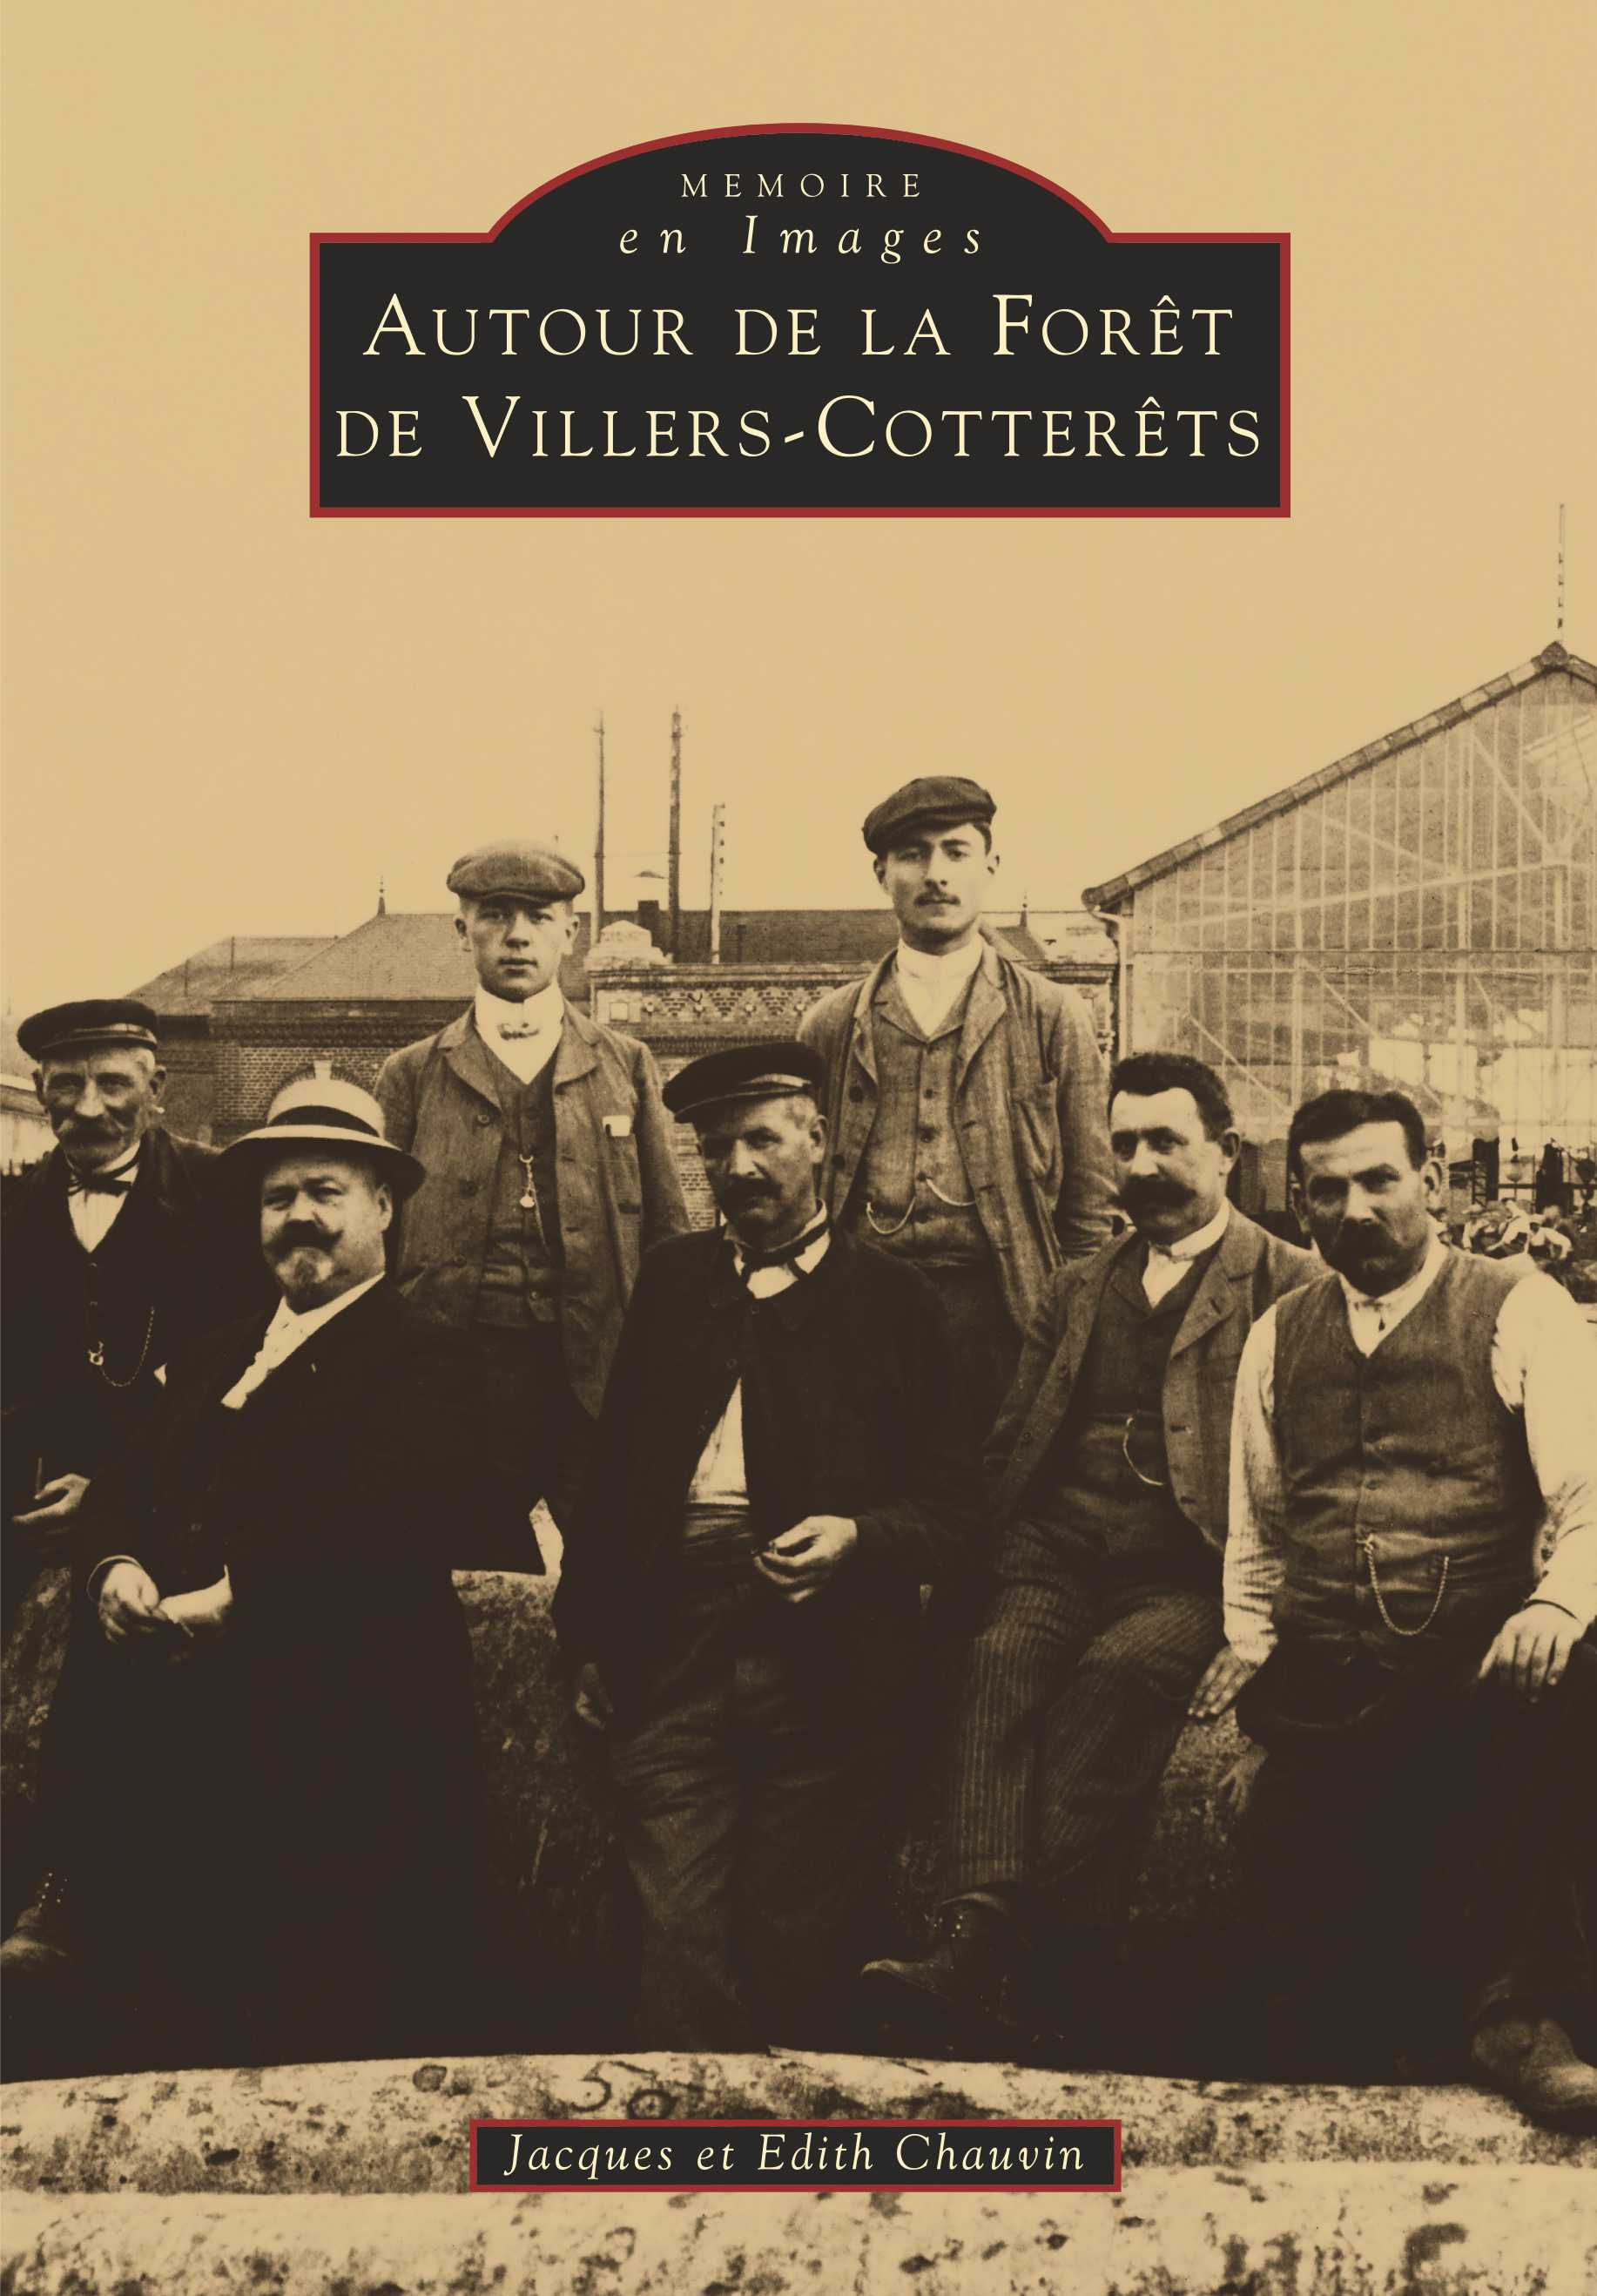 VILLERS-COTTERETS (AUTOUR DE LA FORET DE)